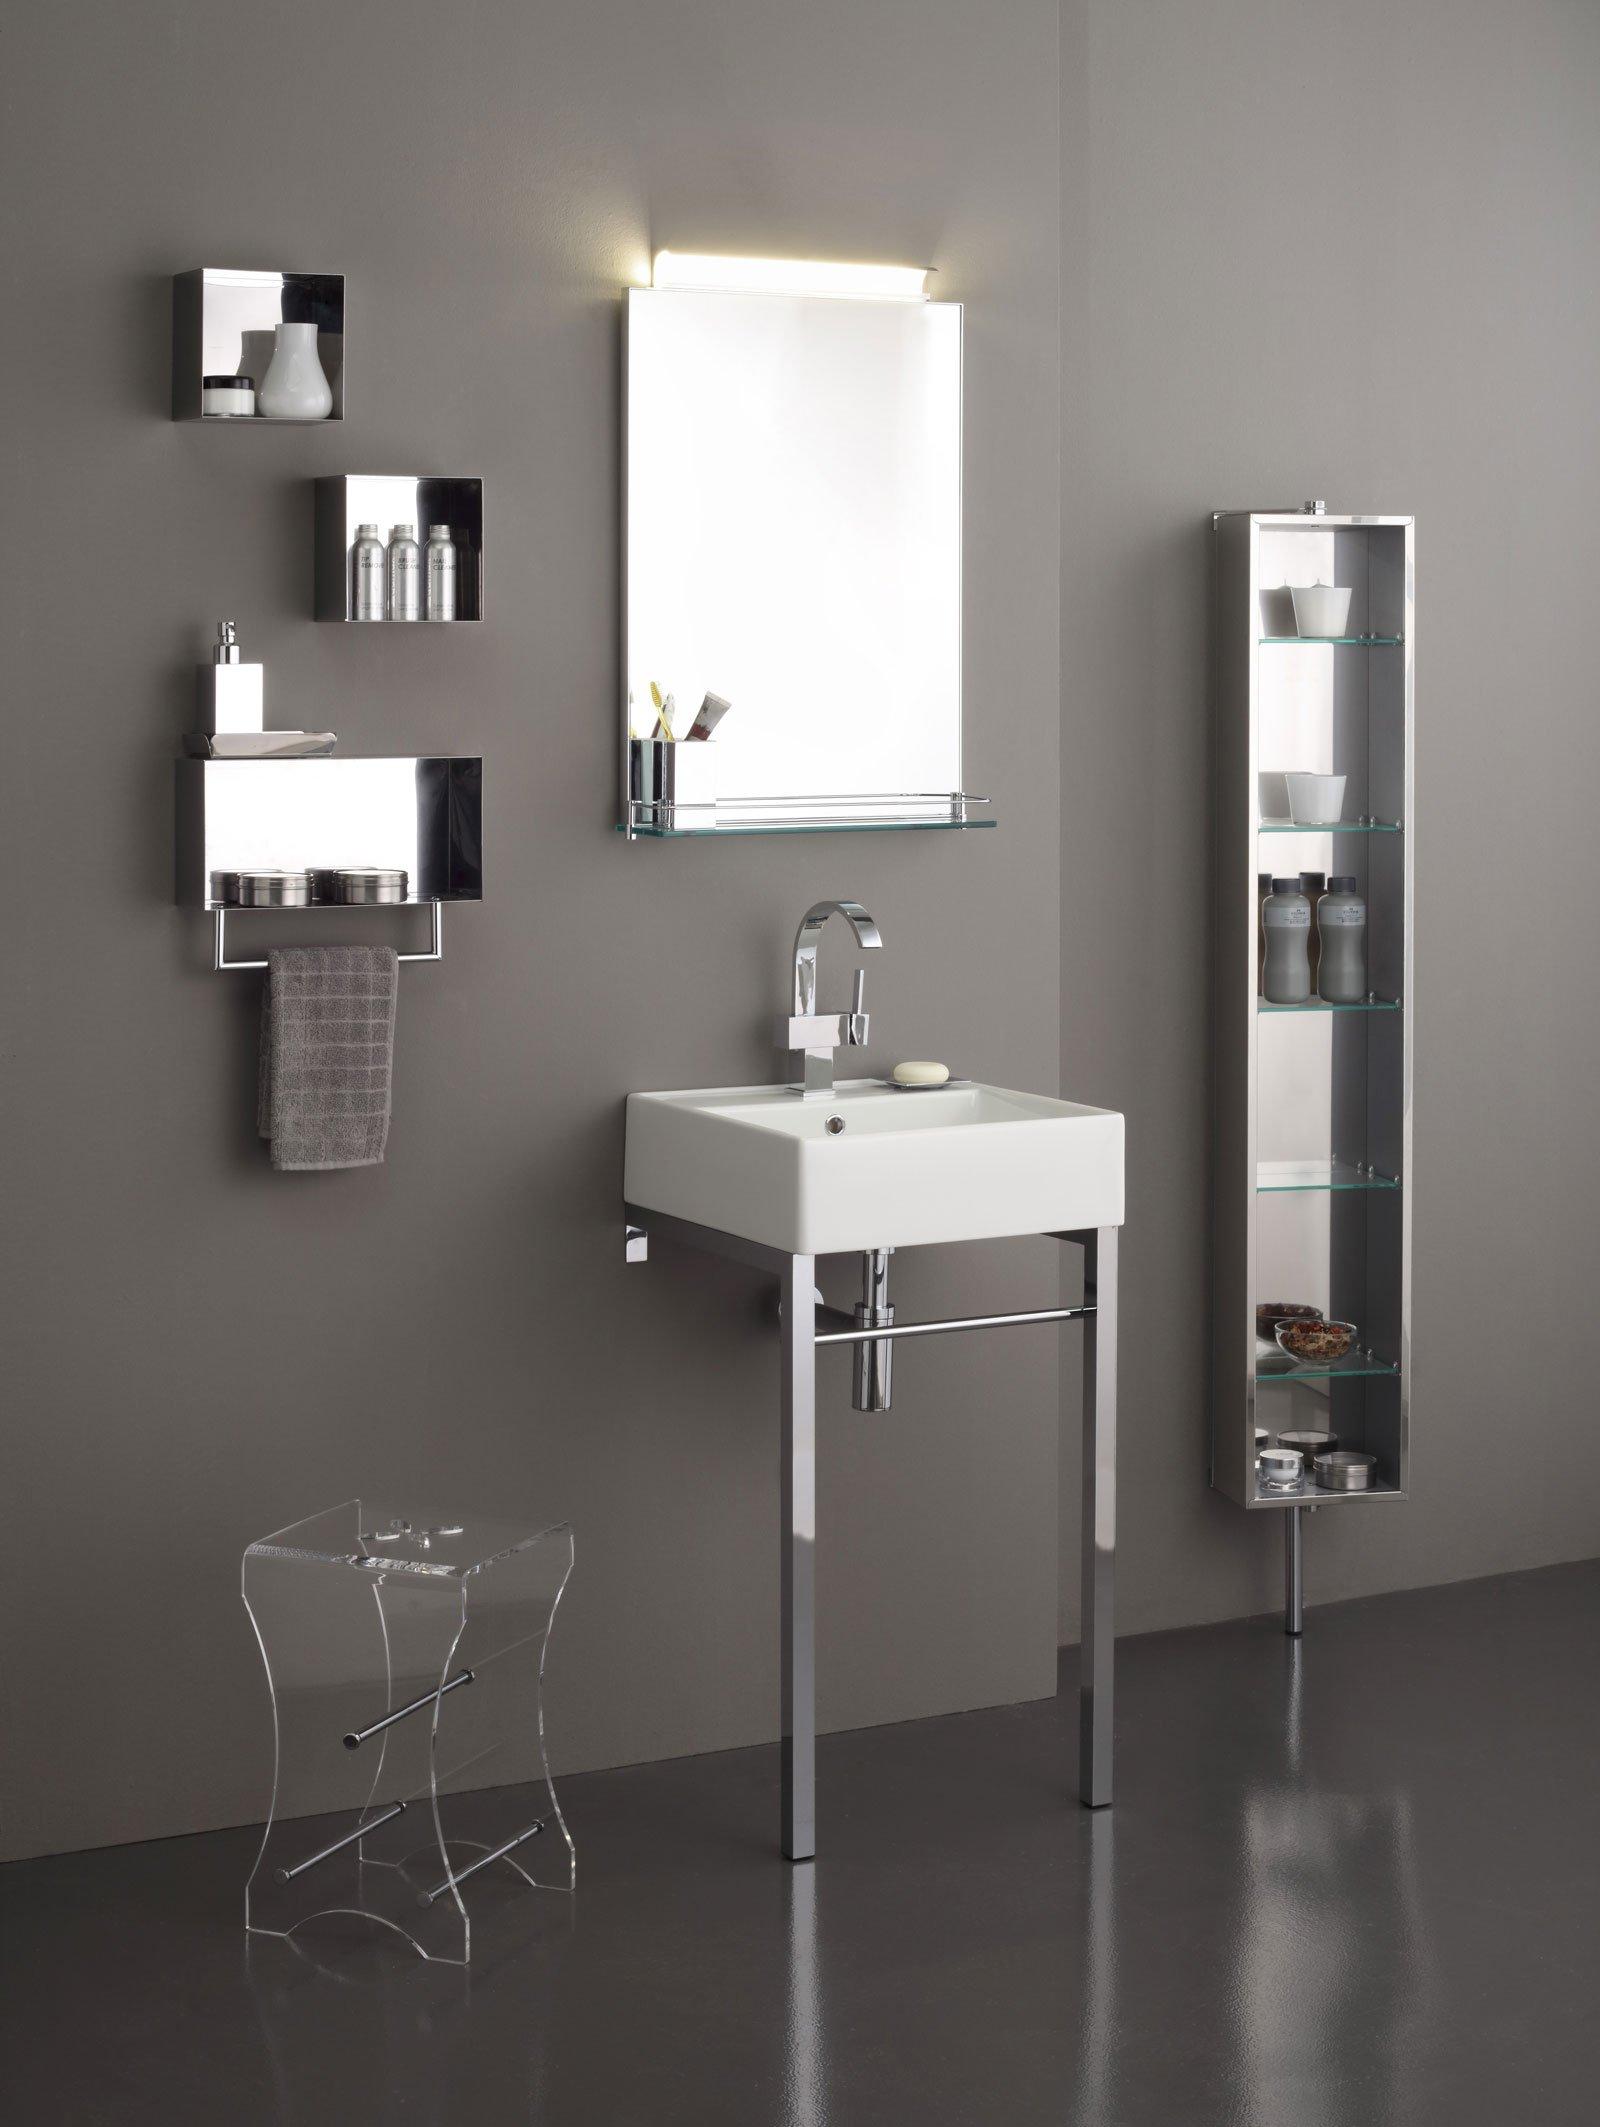 Accessori per il bagno qualit italiana per completare l for Accessori per bagno